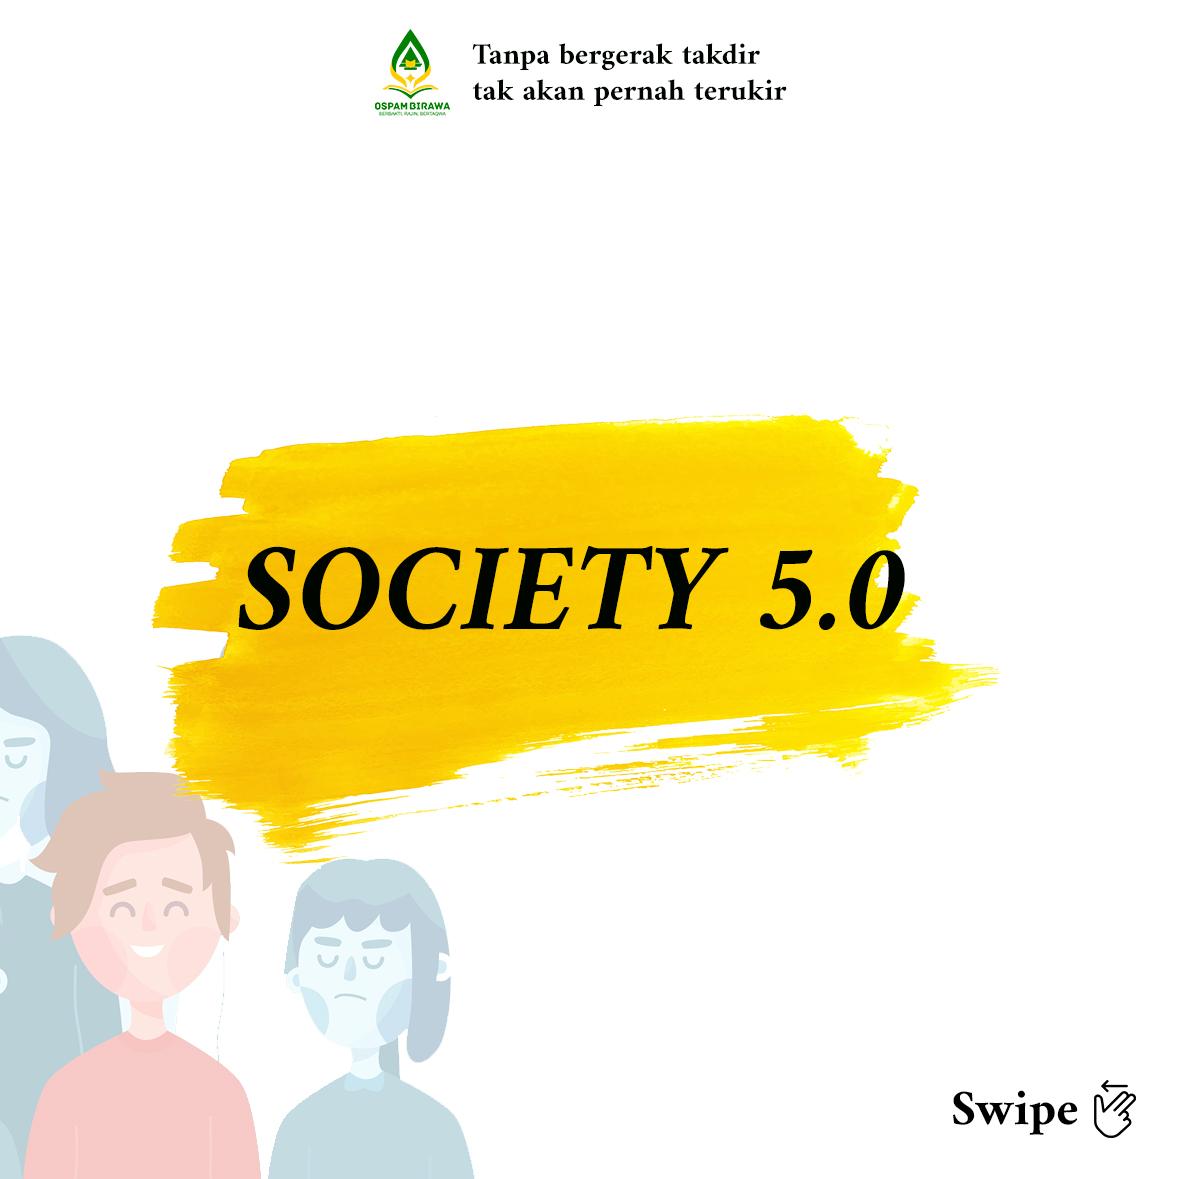 SOCIETY OF 5.0 -  ASOSIASI TEKNIK PESANTREN MAHASISWA AL-HIKAM MALANG